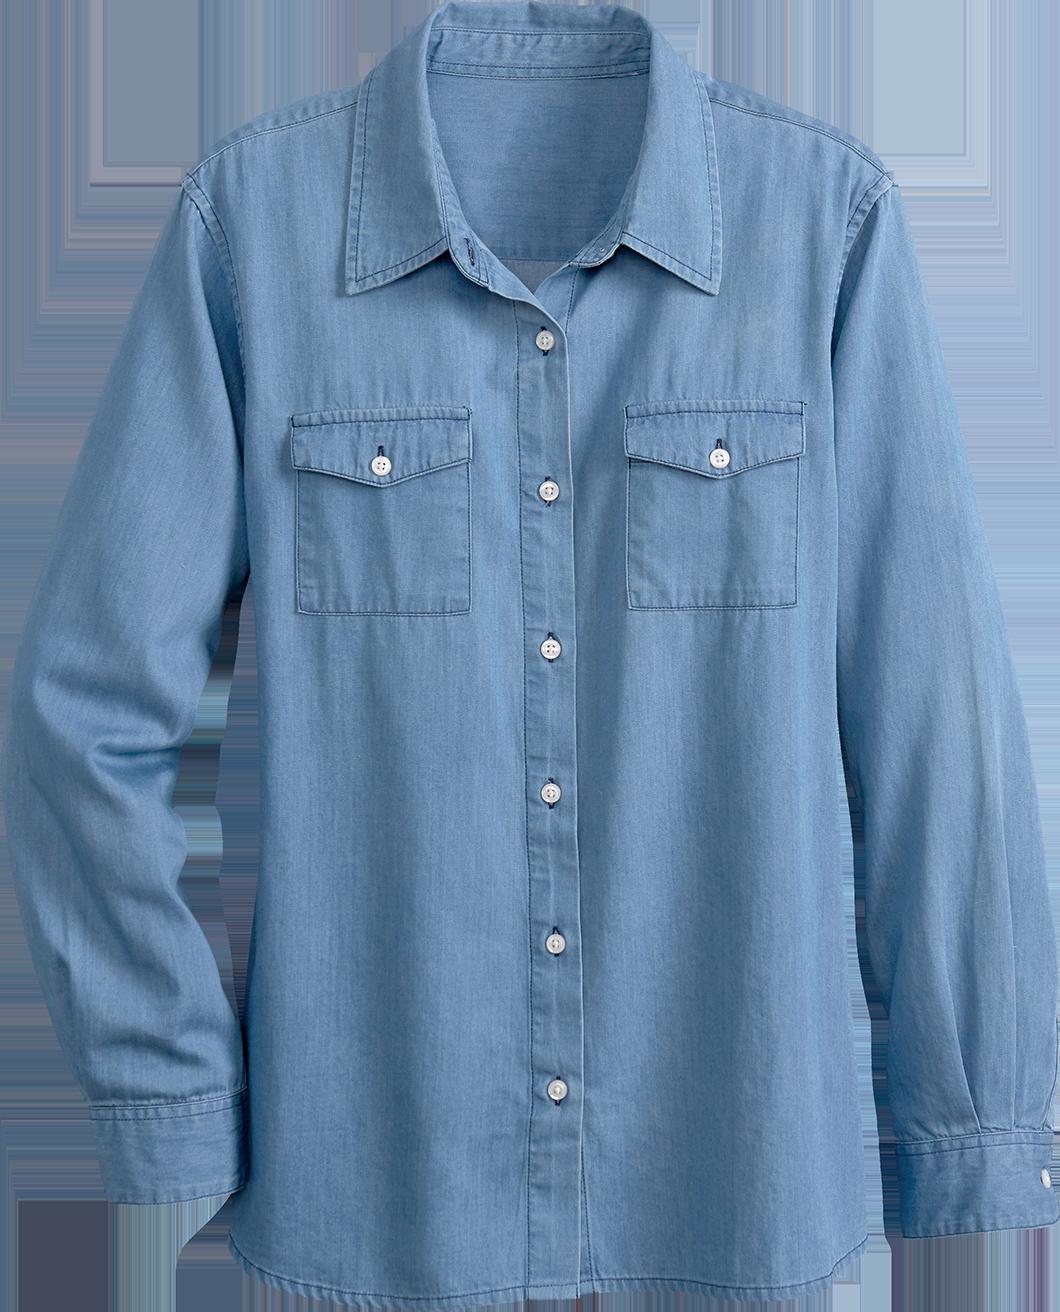 Women's Long-Sleeve Denim Shirt